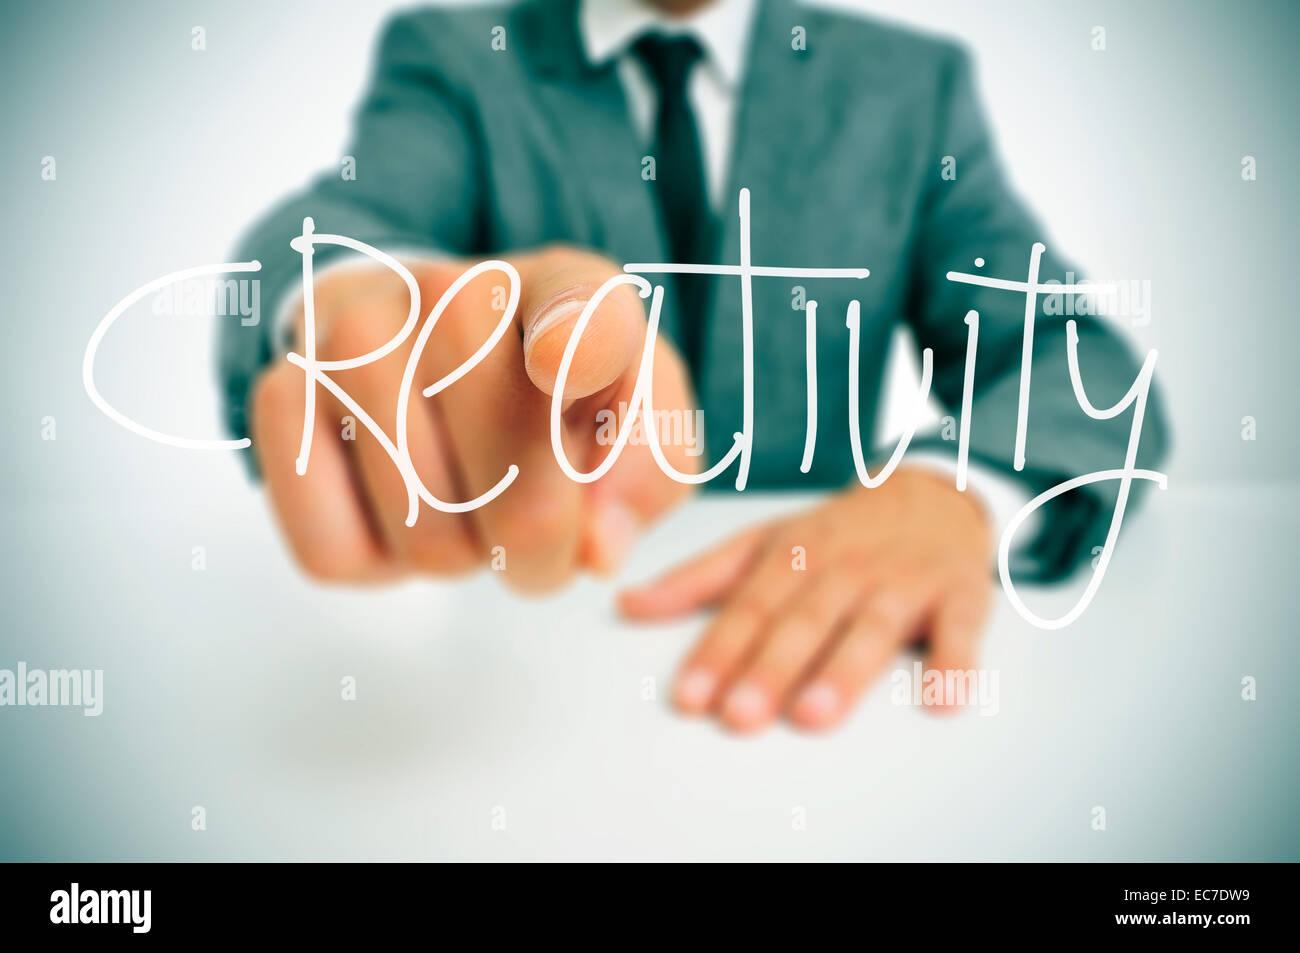 Man in an office bureau montrer du doigt pour le terme créativité écrit dans l'avant-plan Photo Stock